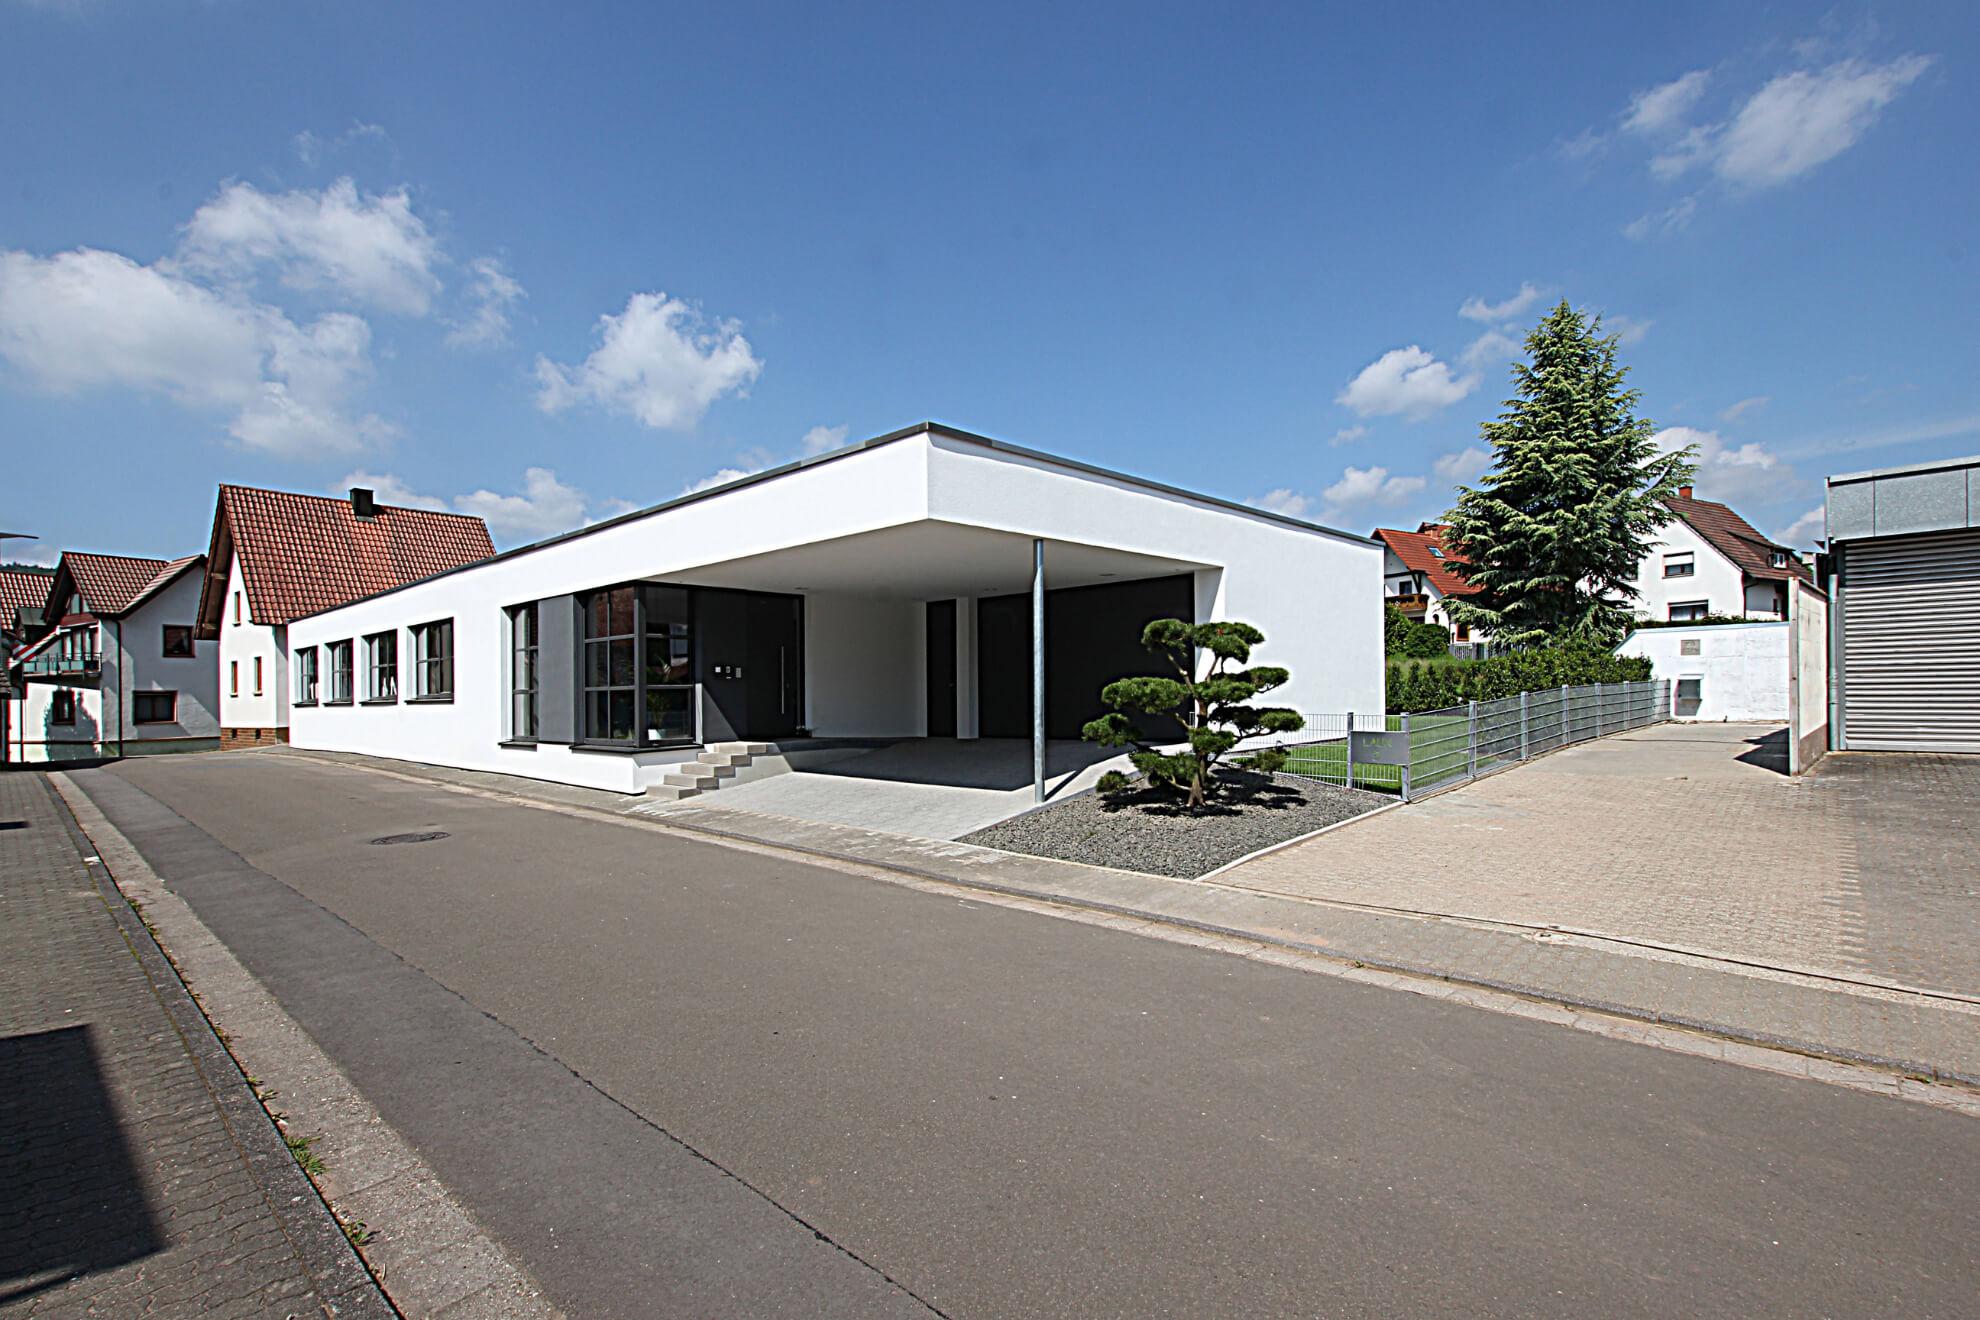 lx-a-01-marcbetz architekten